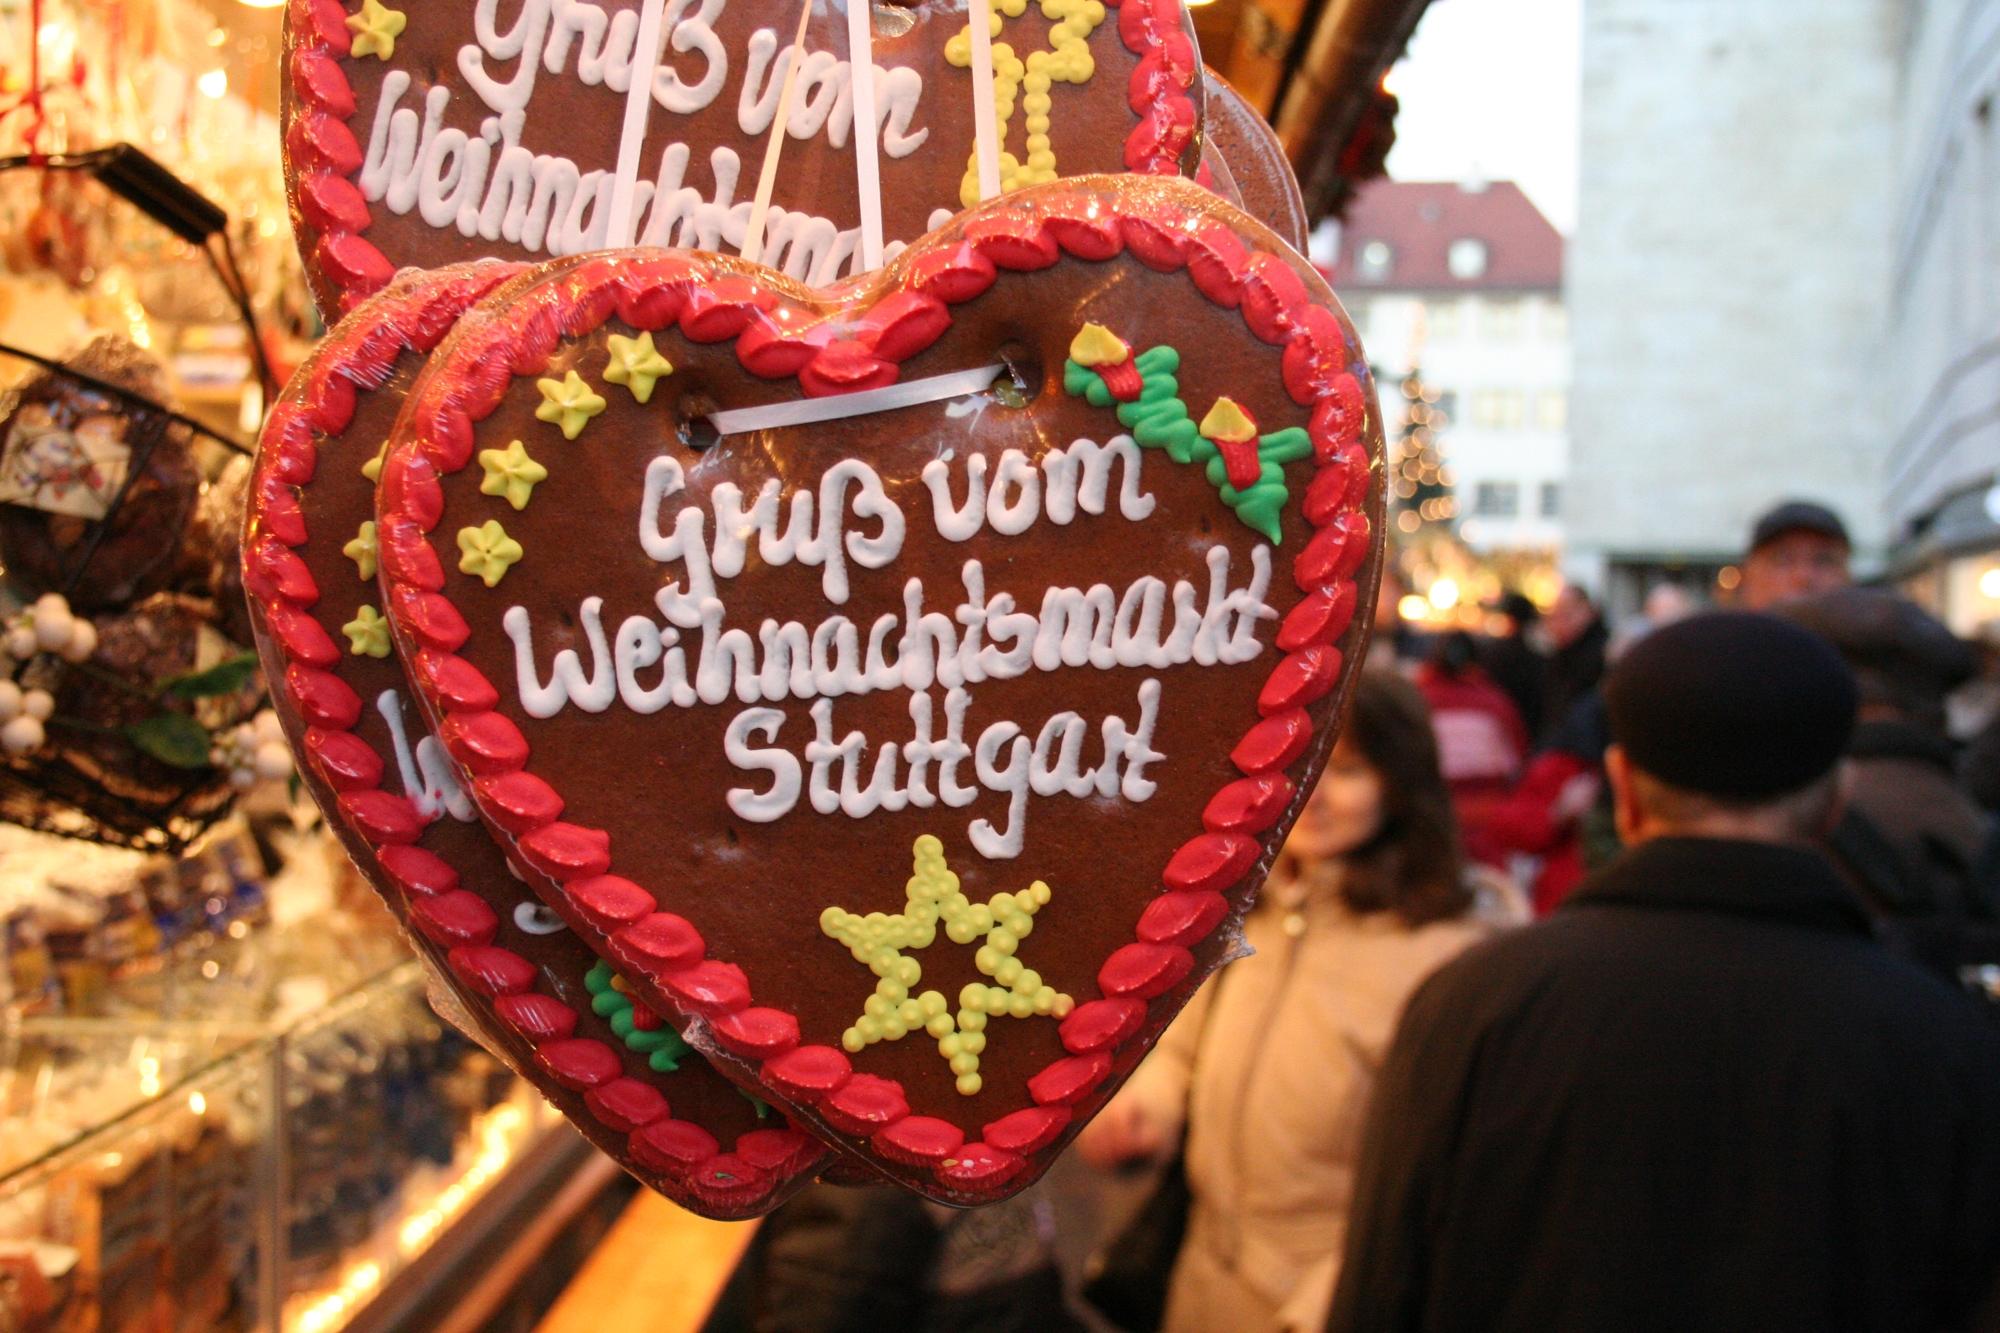 http://stuttgarter-weihnachtsmarkt.de/fileadmin/Weihnachtsmarkt/content/images/pressebilder/Stuttgarter_Weihnachtsmarkt_Lebkuchenherz.jpg